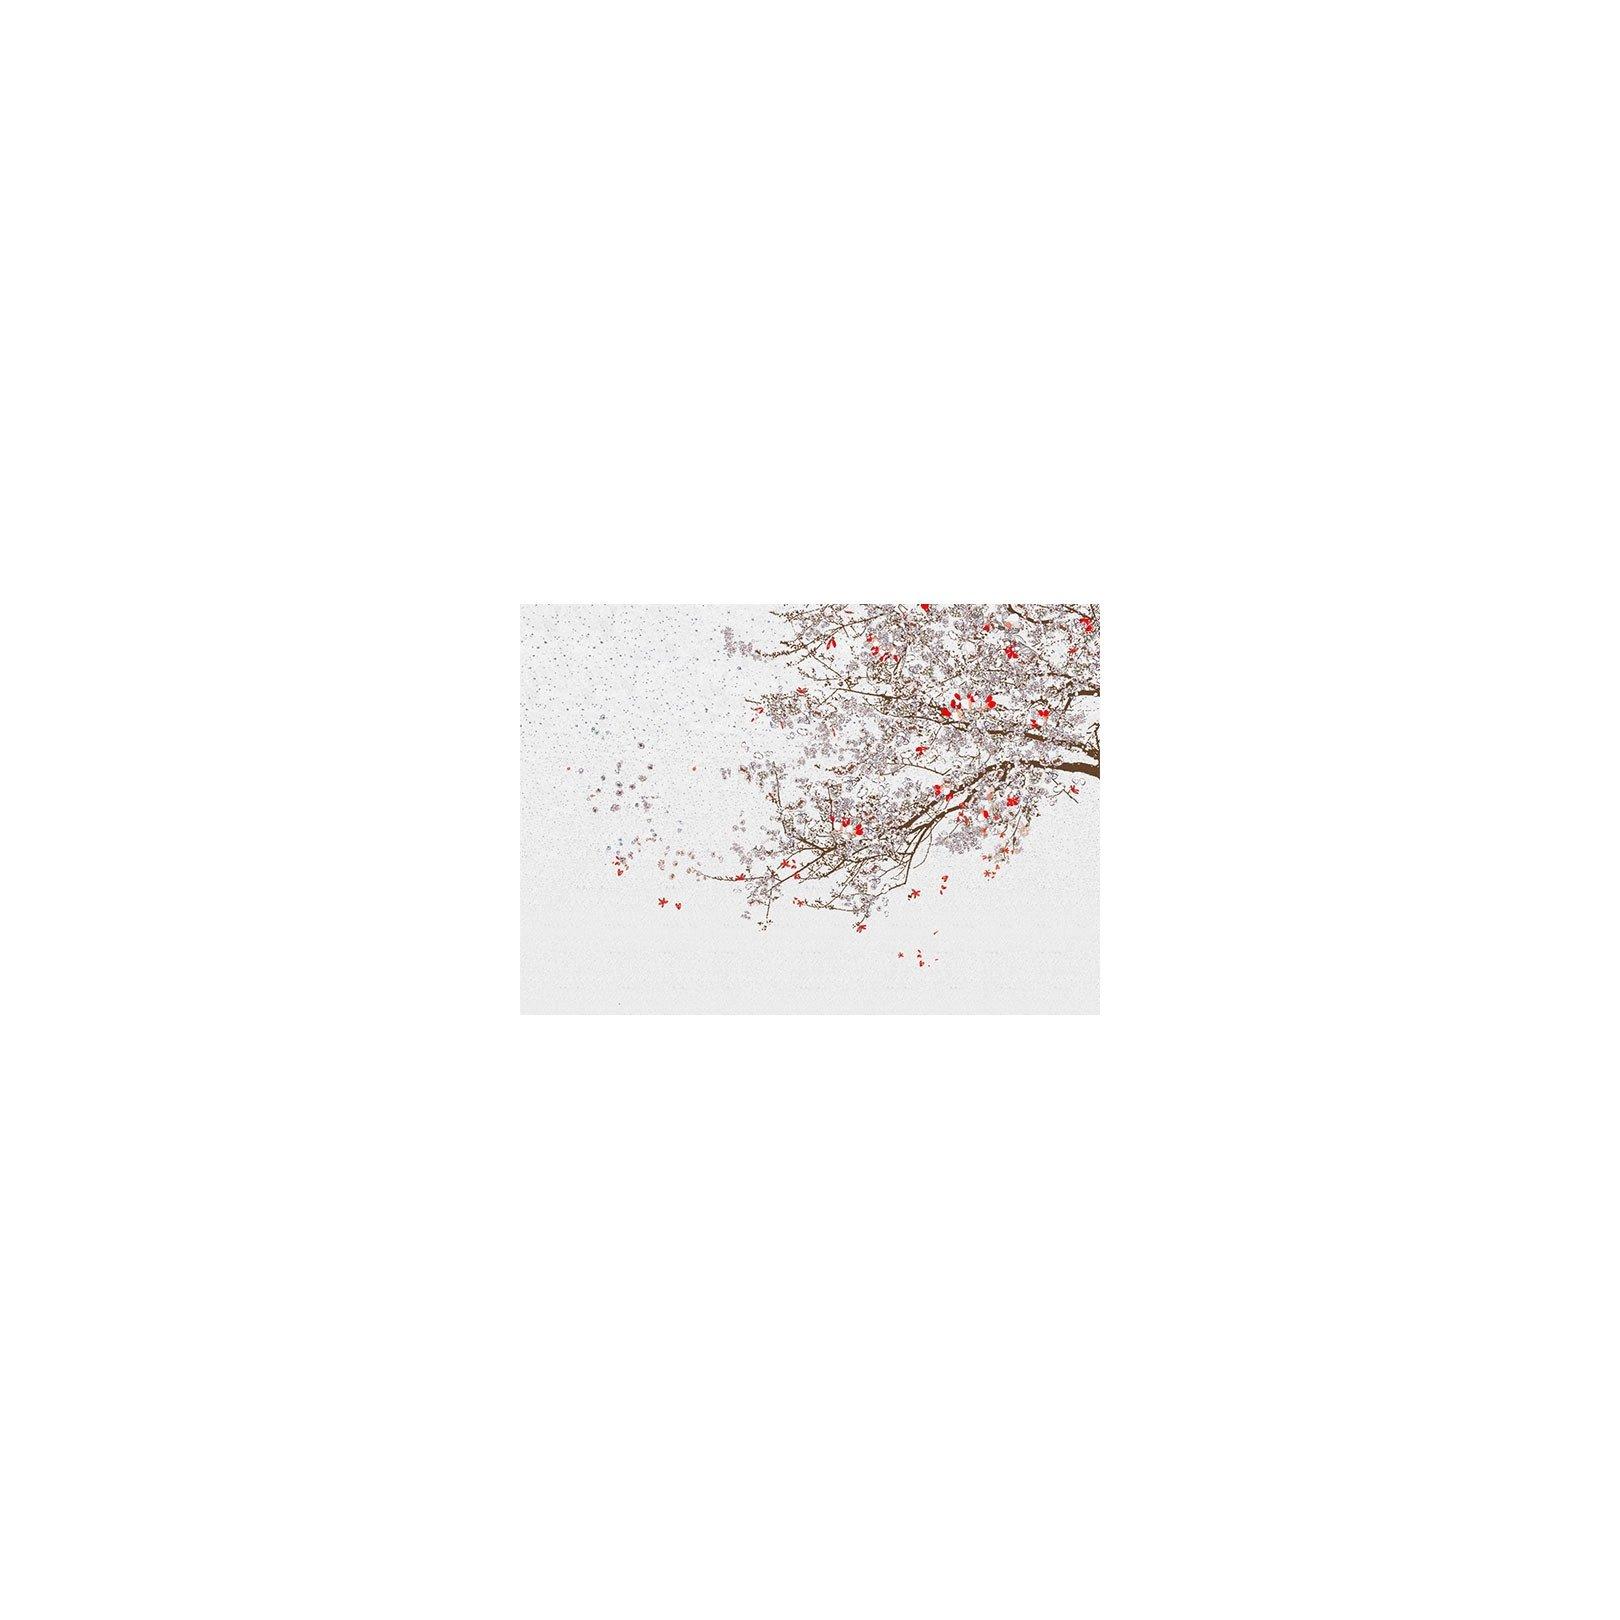 Décor mural - Wall & Deco - Momo - Rouge et blanc